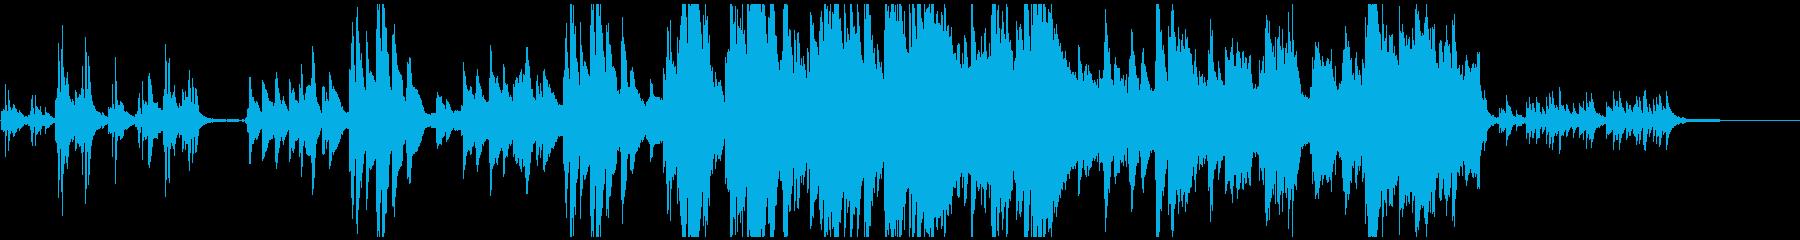 感動的な場面を演出するピアノ主体のBGMの再生済みの波形